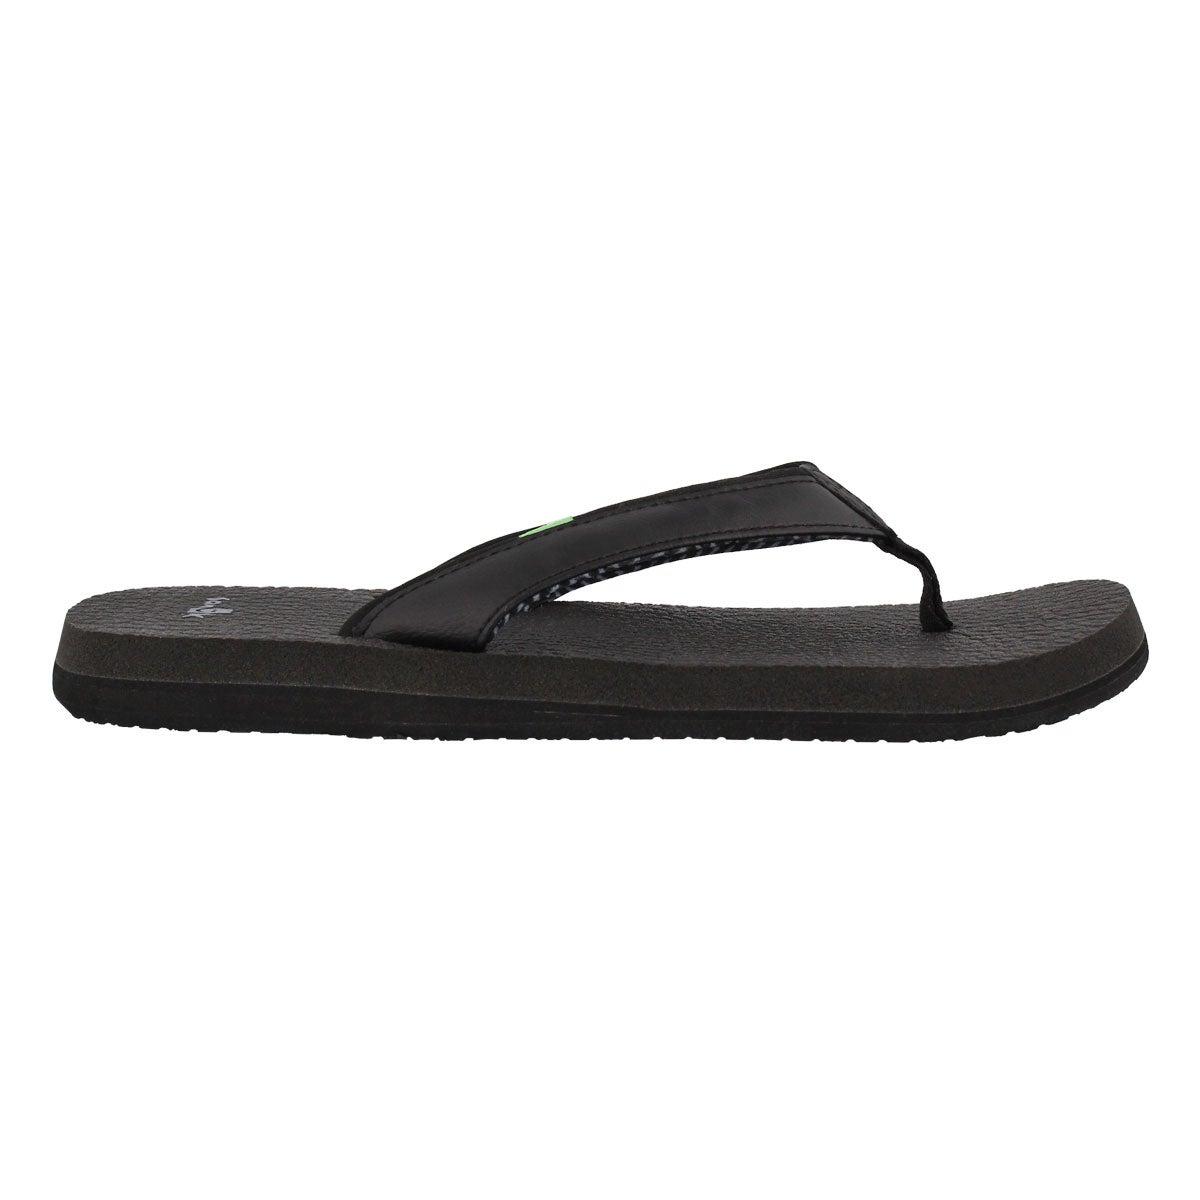 Lds Yoga Mat 2 black flip flop